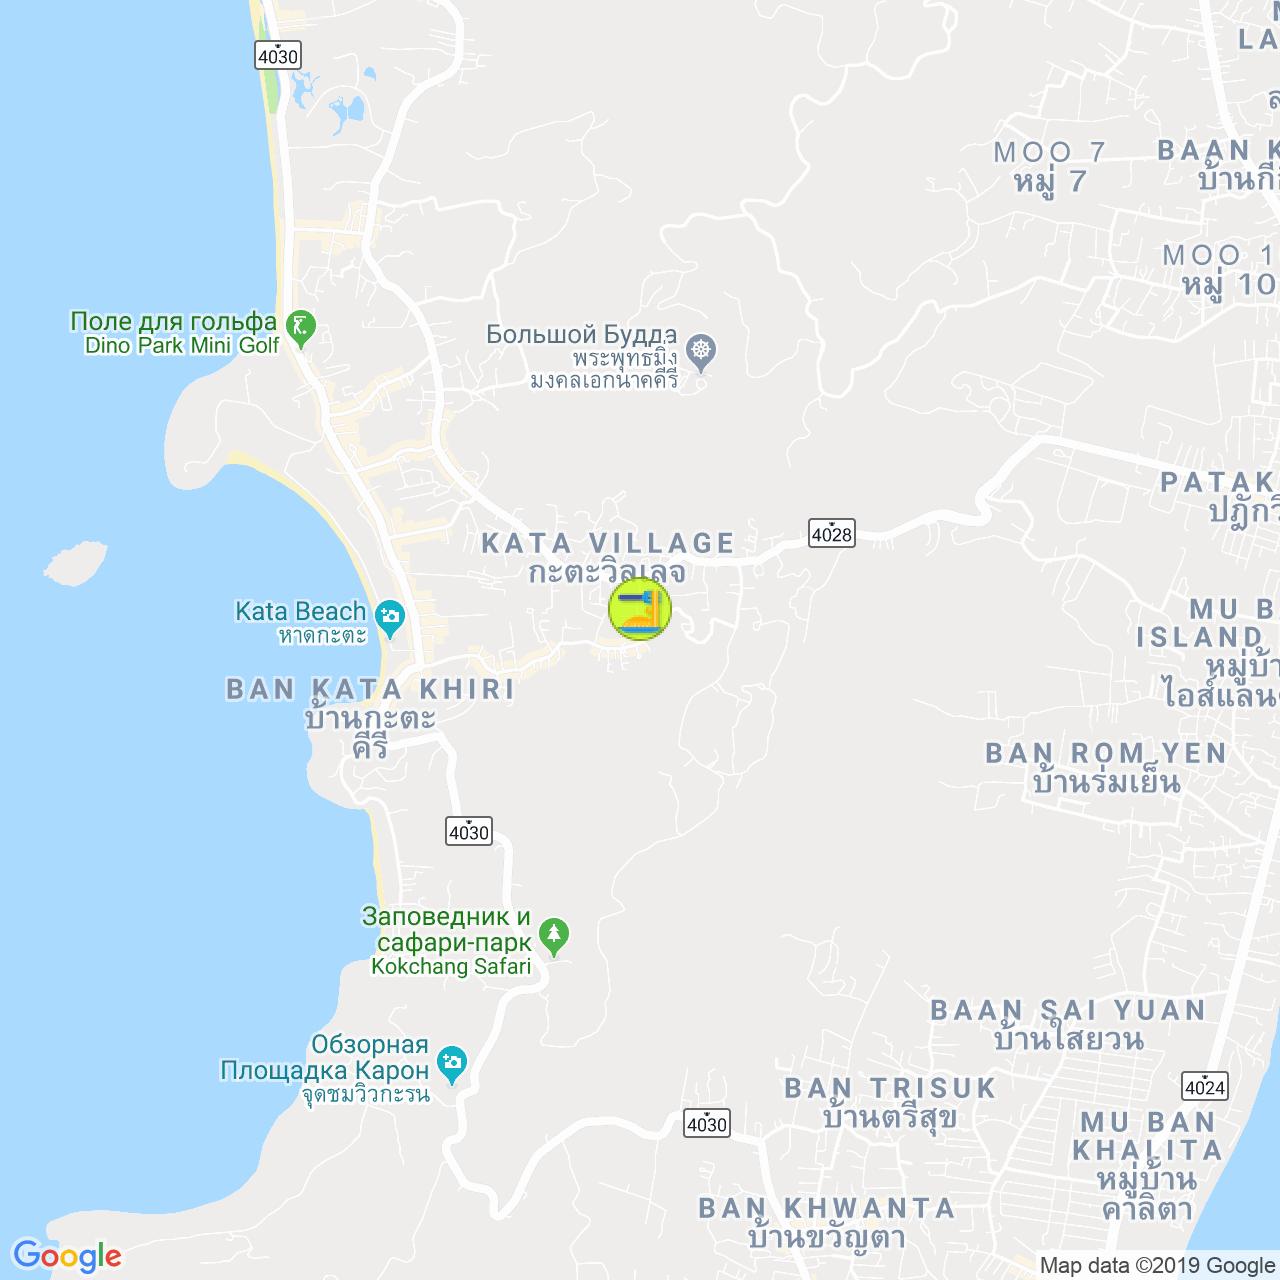 Пиццерия Pomodoro на карте Пхукета